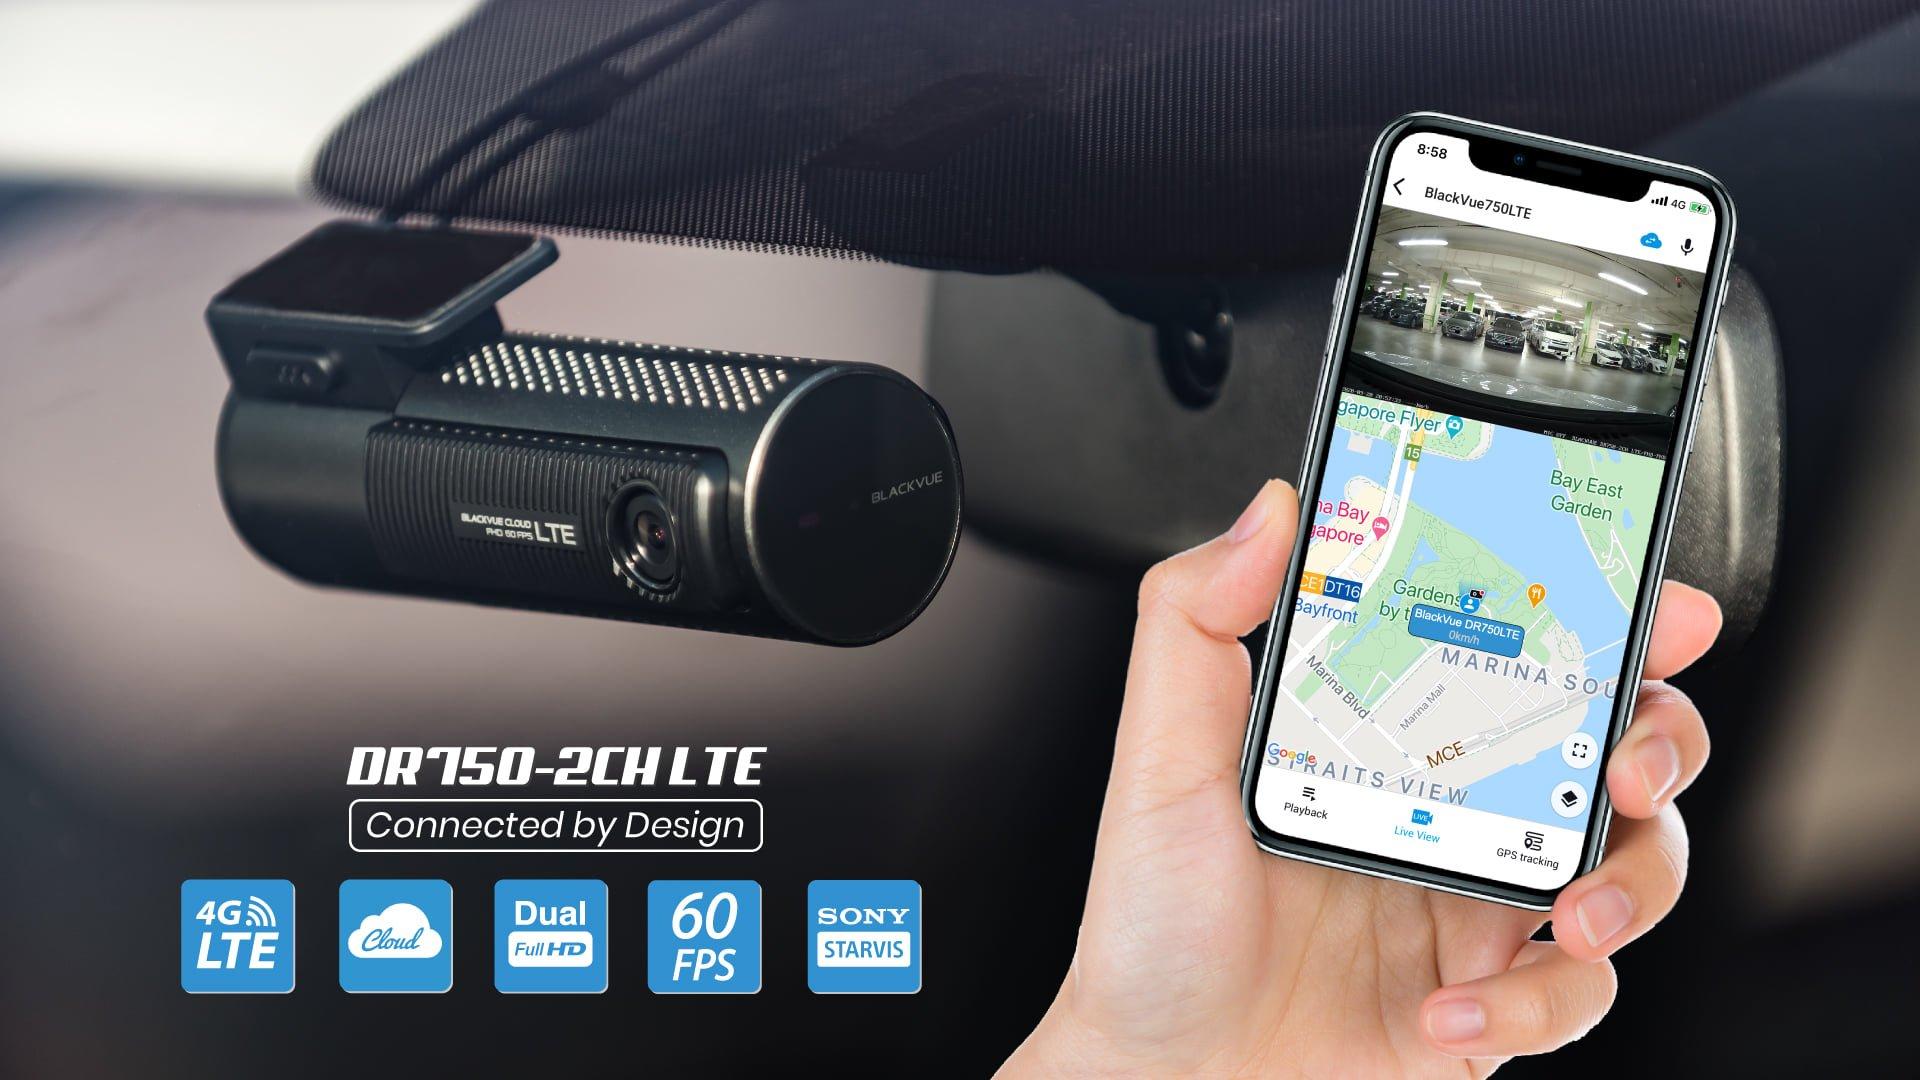 z2148300492802 936479816a39a126faf628d308282a00 - Blackvue DR750-2CH LTE camera hành trình cao cấp chuyên dành cho xe sang